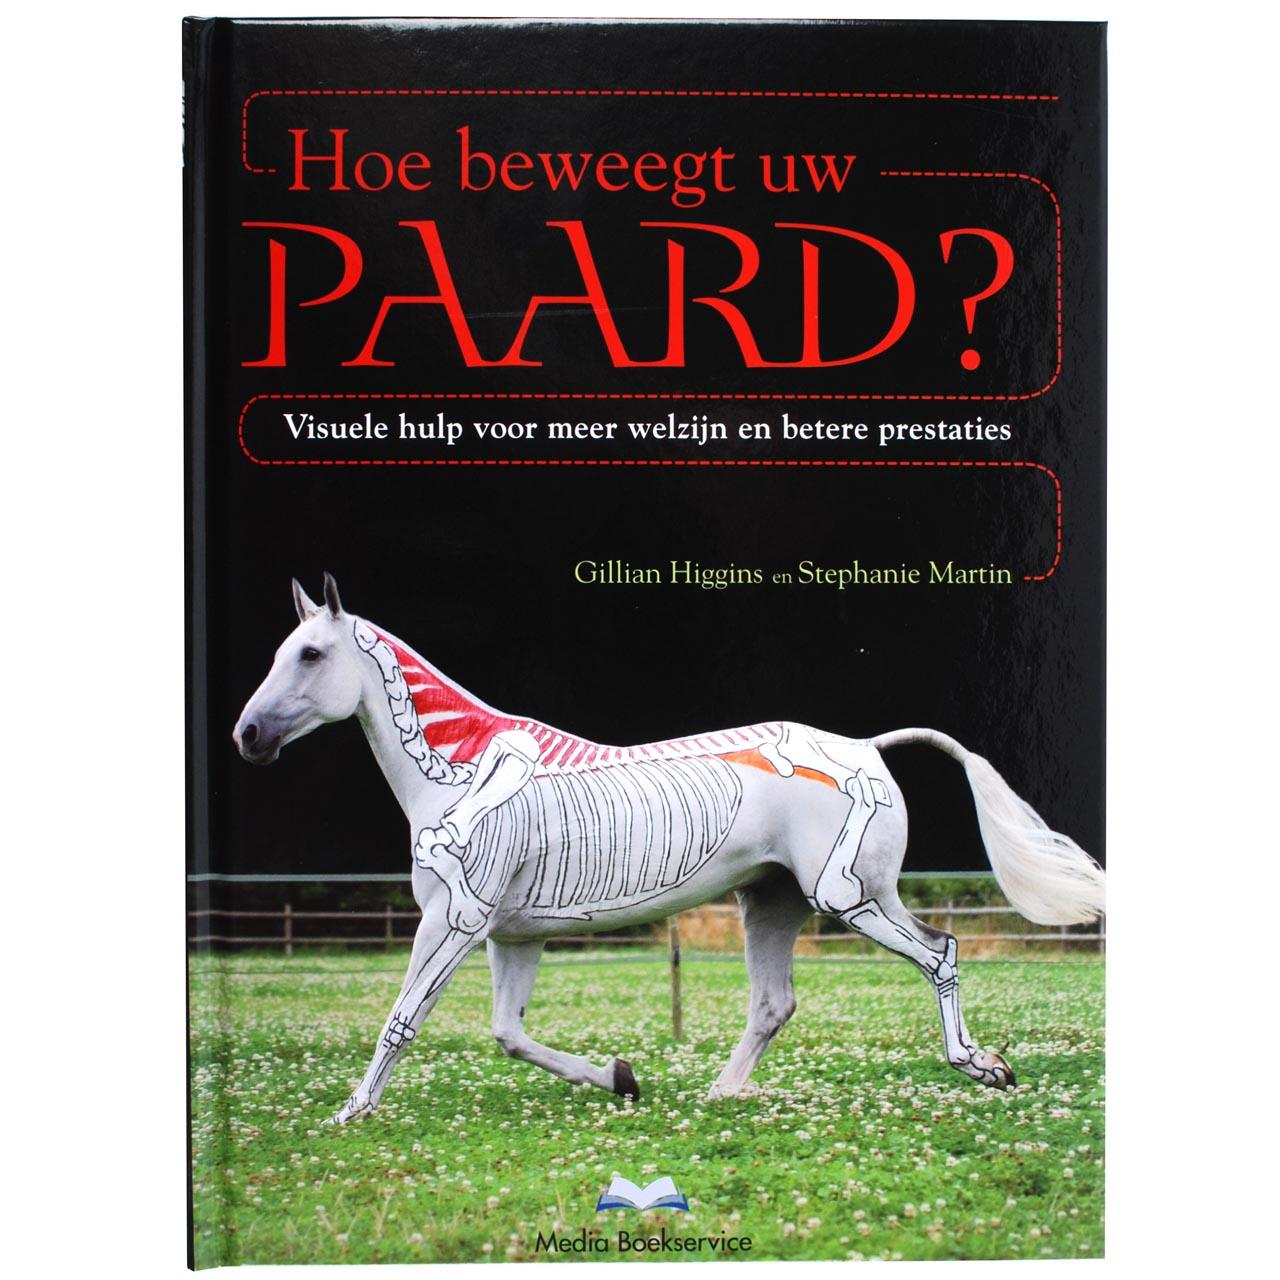 Hoe beweegt uw paard?